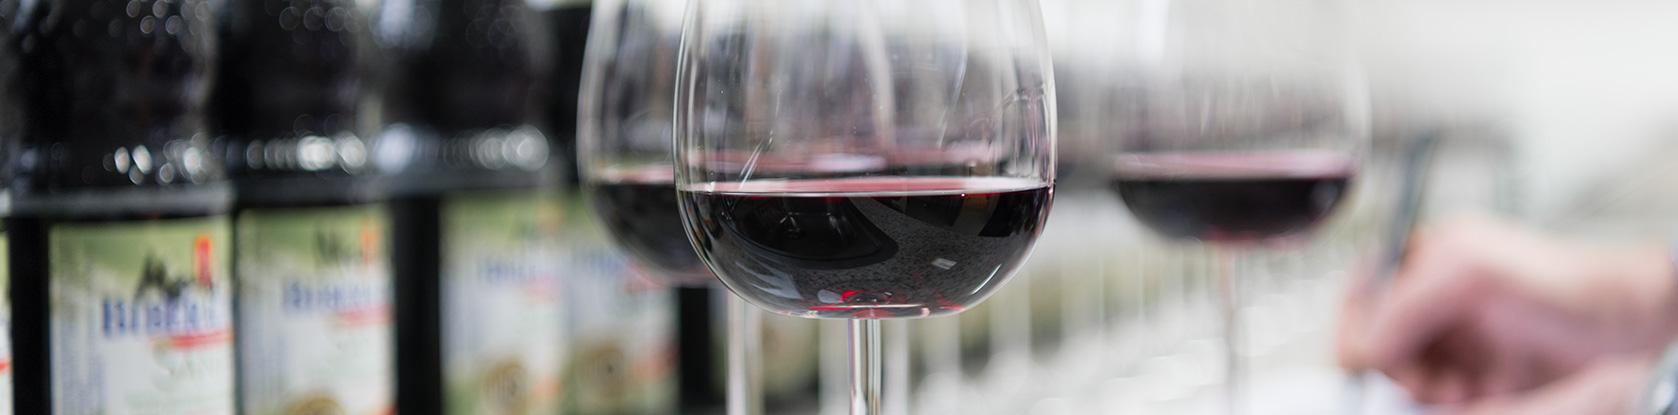 Weinlabor Klingler - Professionelle Kenntnisse im Weinbau